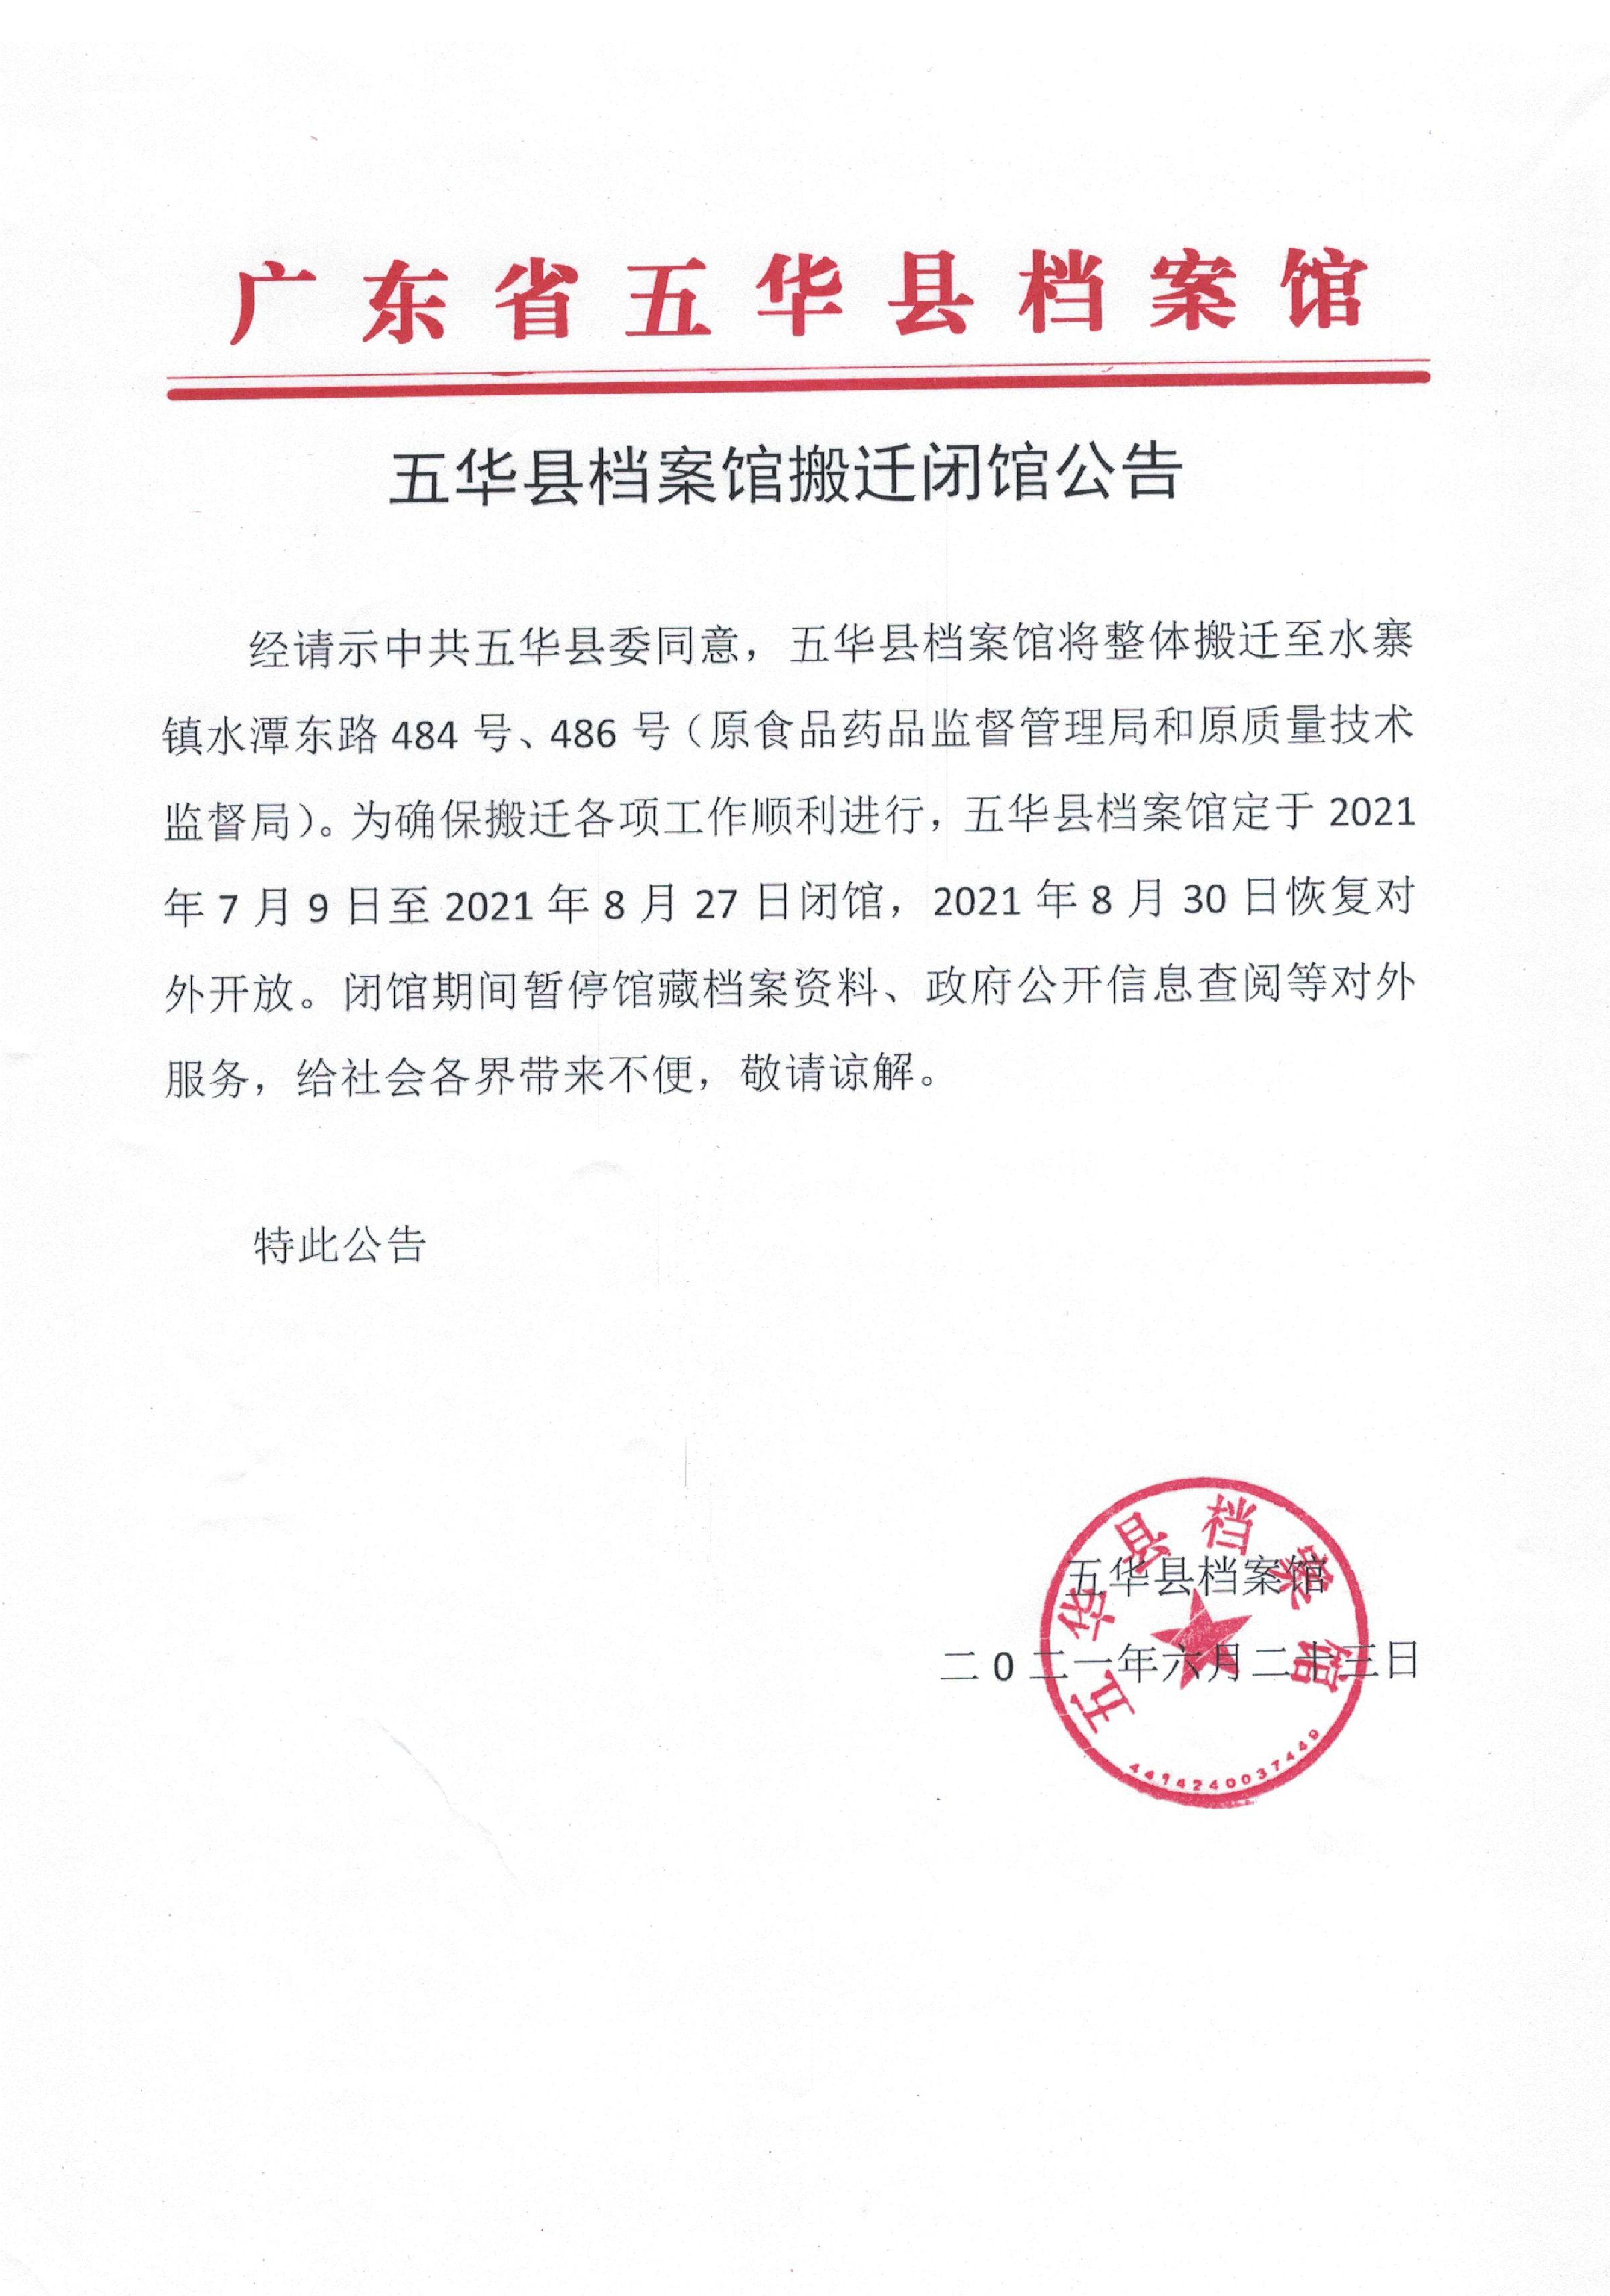 五华县档案馆搬迁闭馆公告0000.jpg